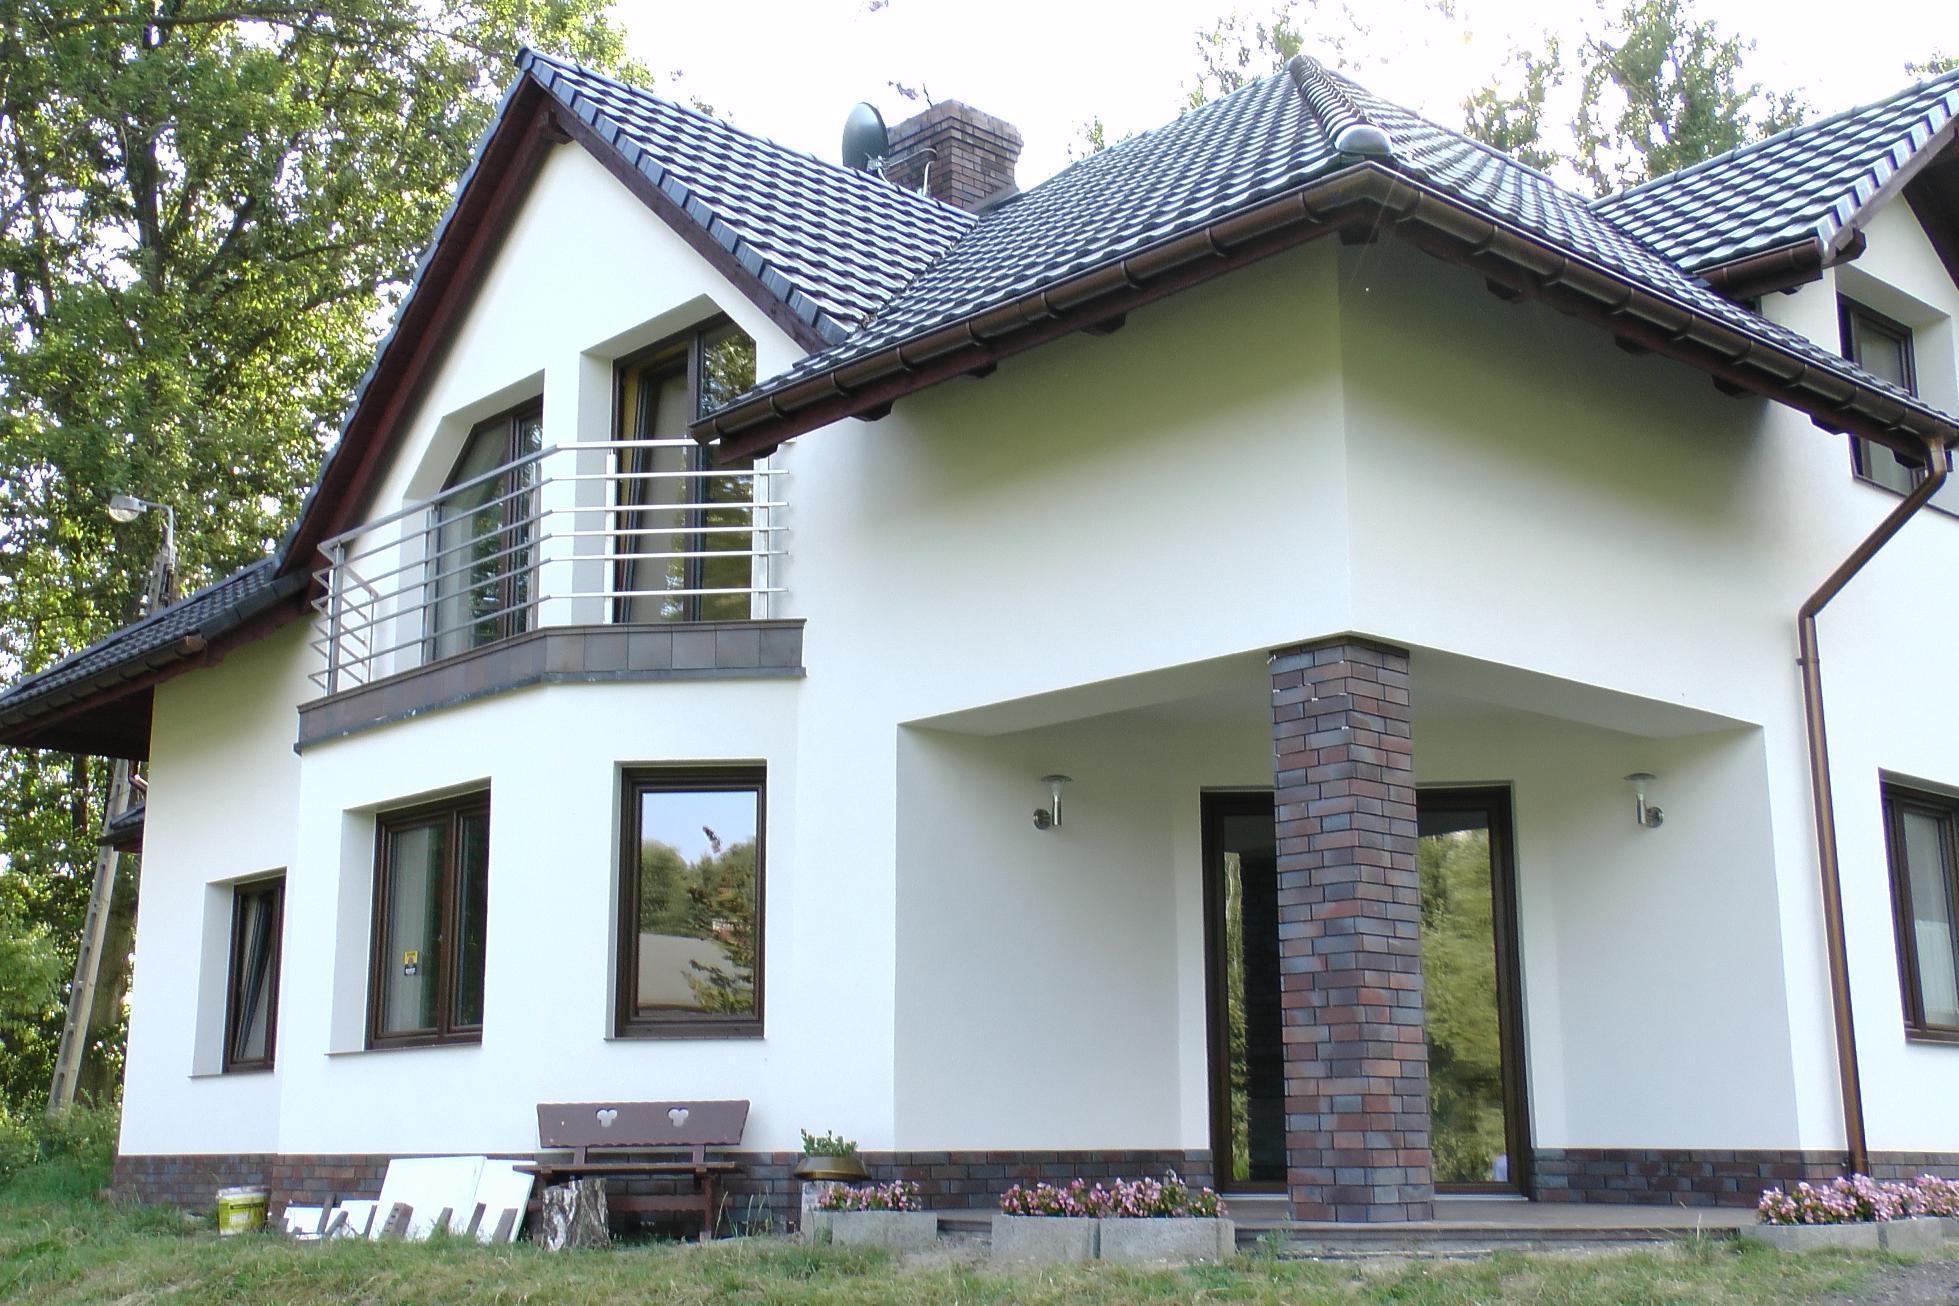 ewa-piotrowska-1375810560_2-1385122147-fwfsjzlm.jpg